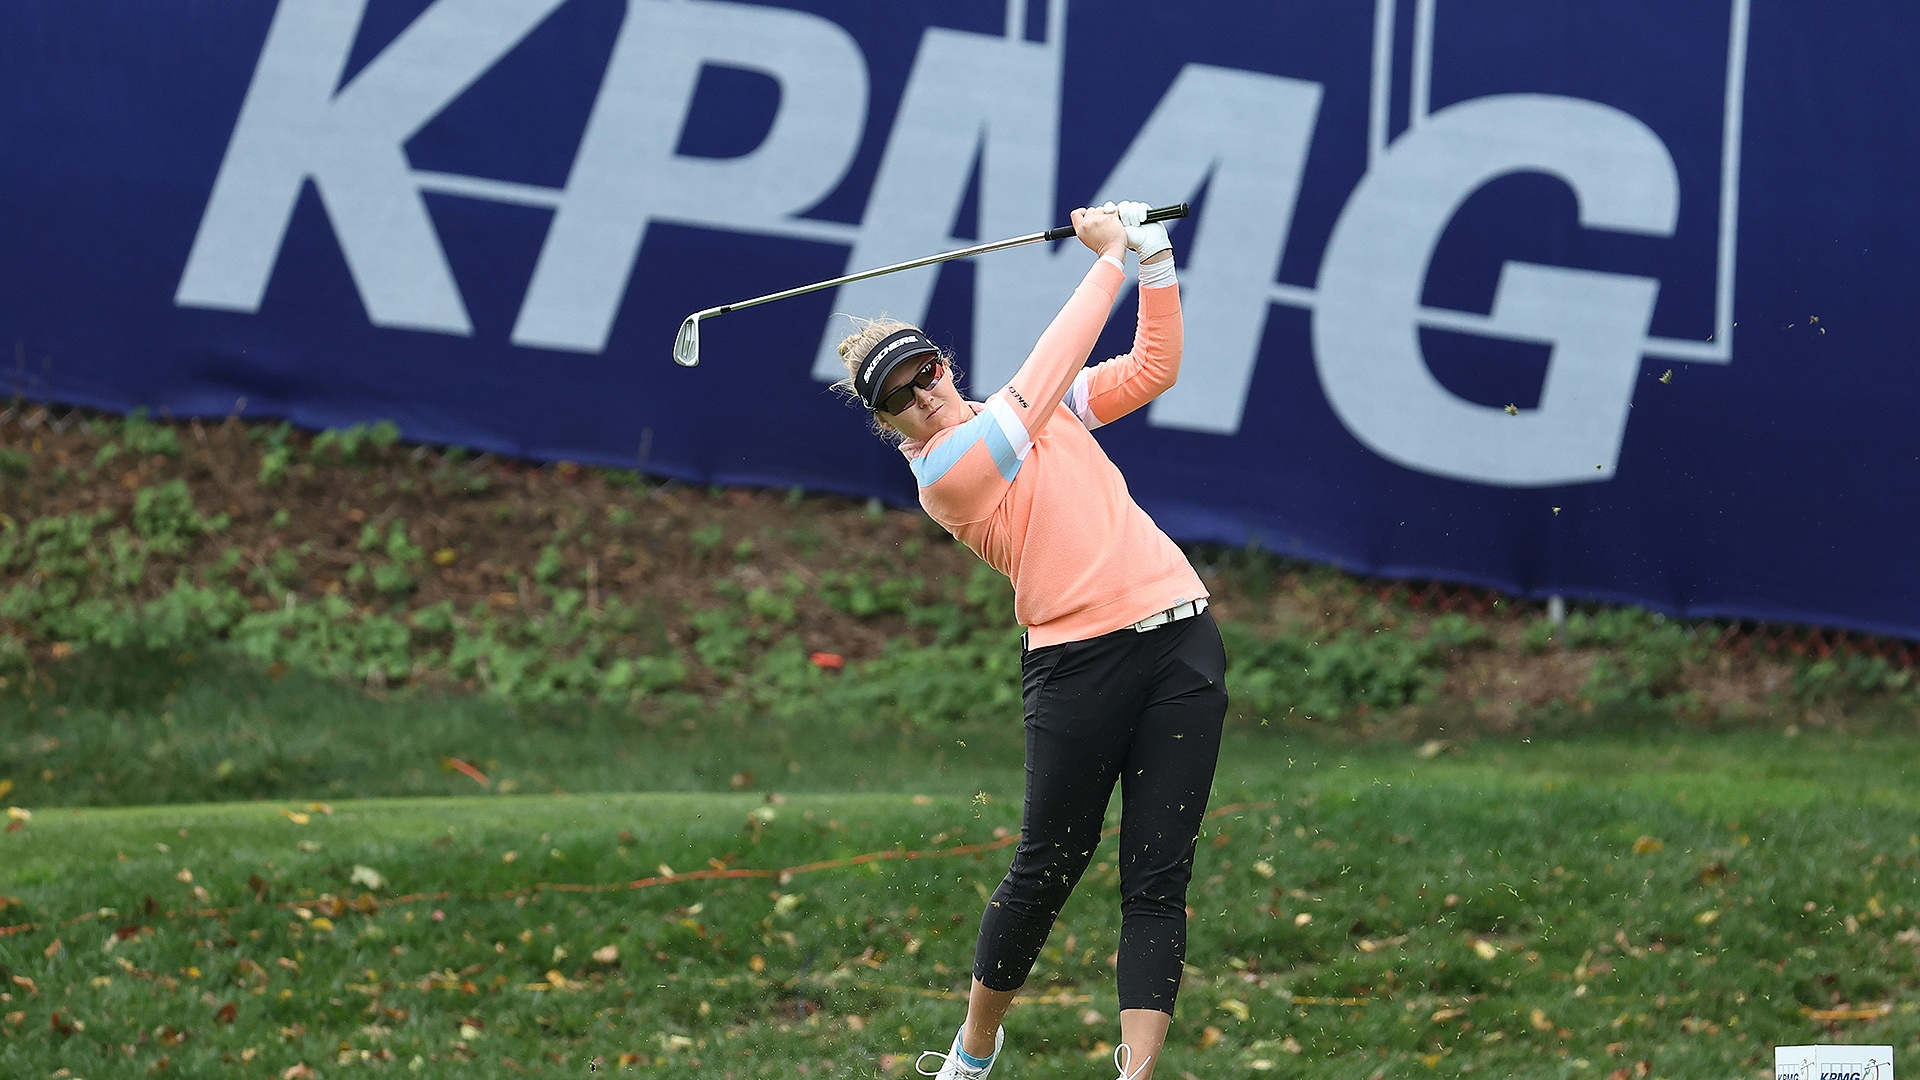 LPGA player and KPMG banner